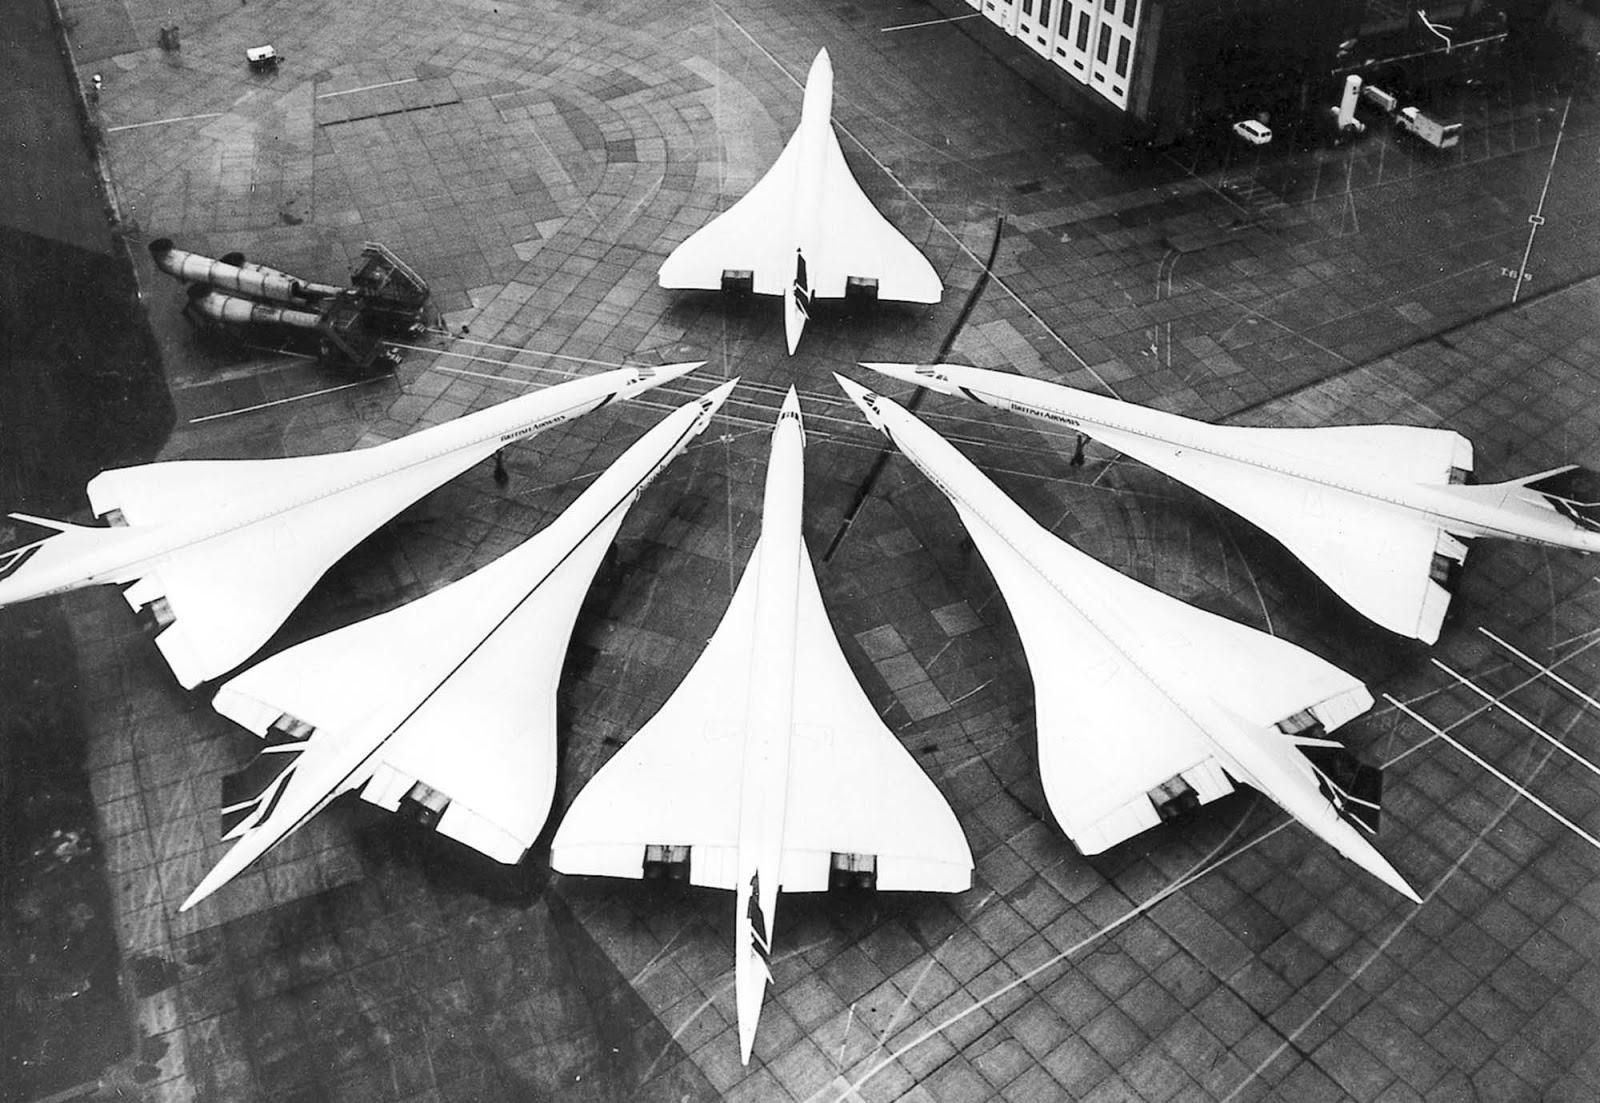 La flota de British Concorde en el aeropuerto de Londres Heathrow, 21 de enero de 1986.